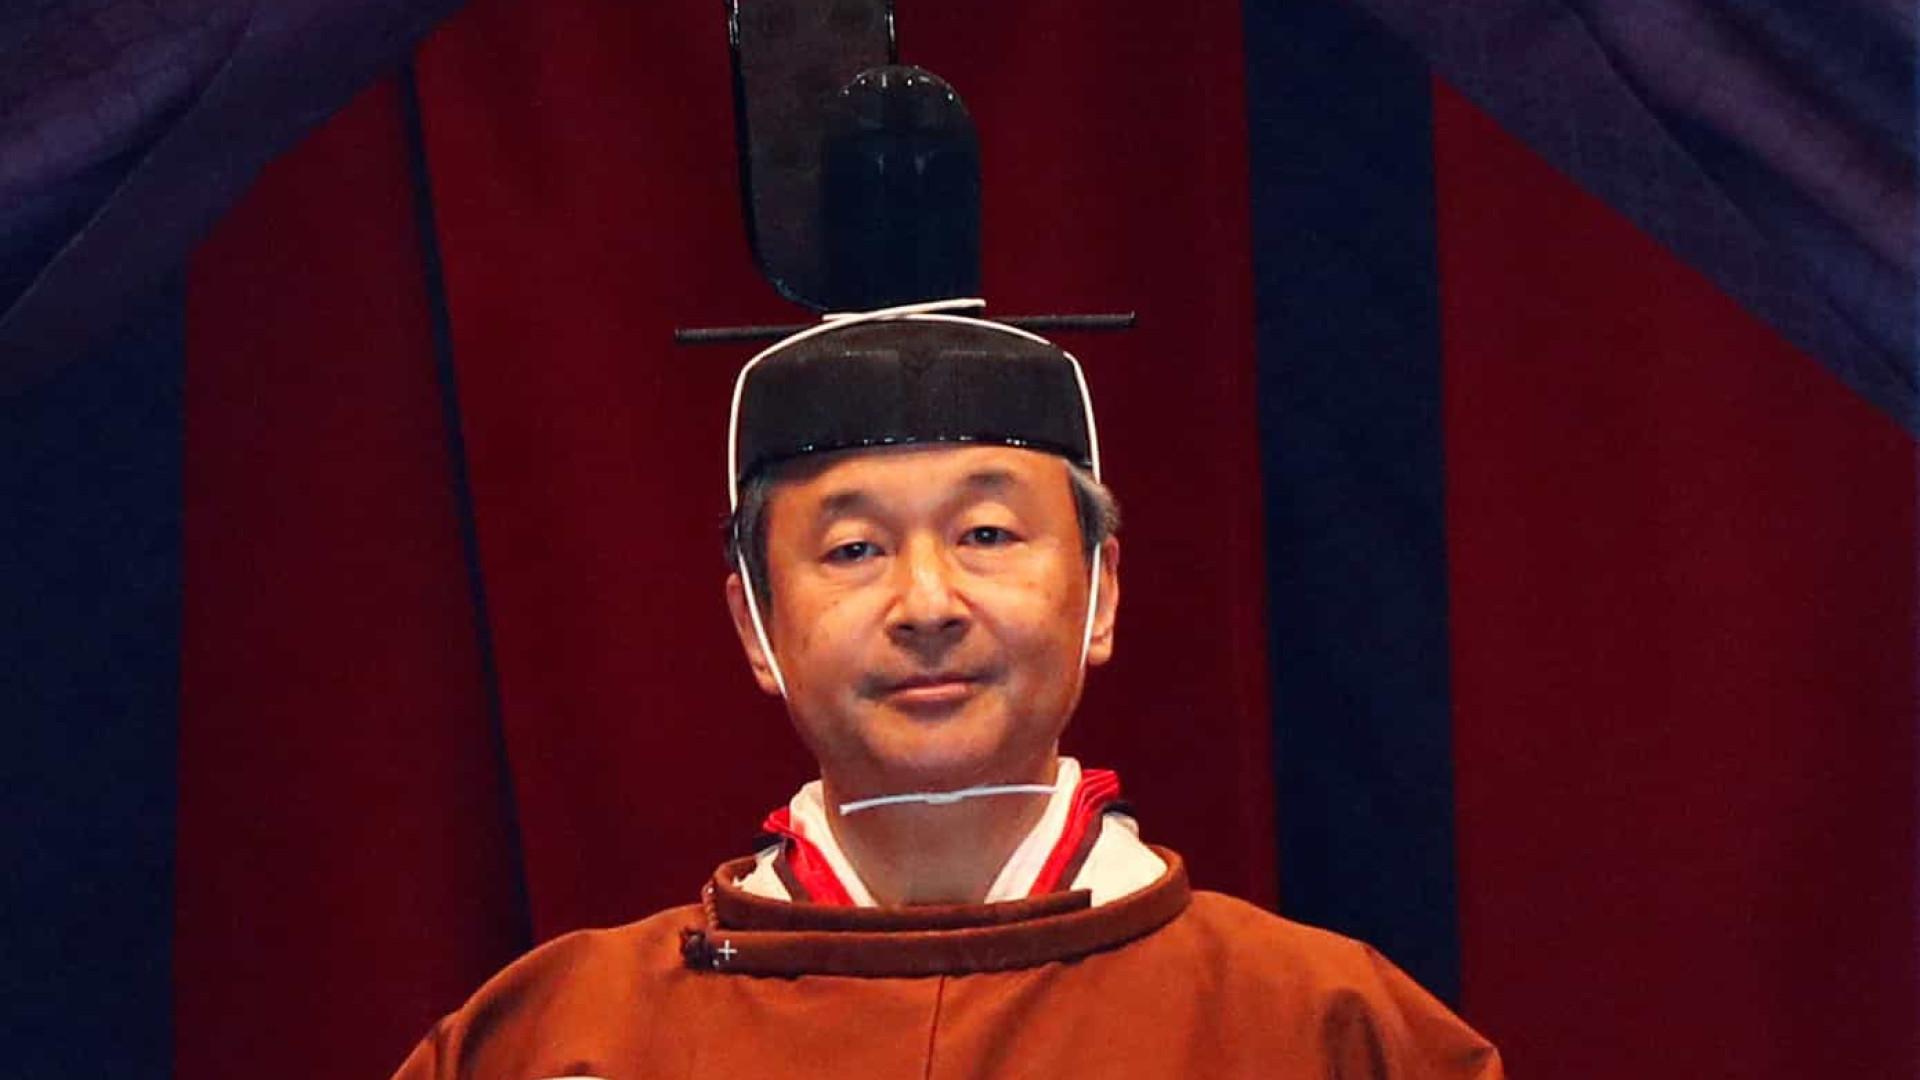 A entronização do novo imperador do Japão deu direito a perdão de multas